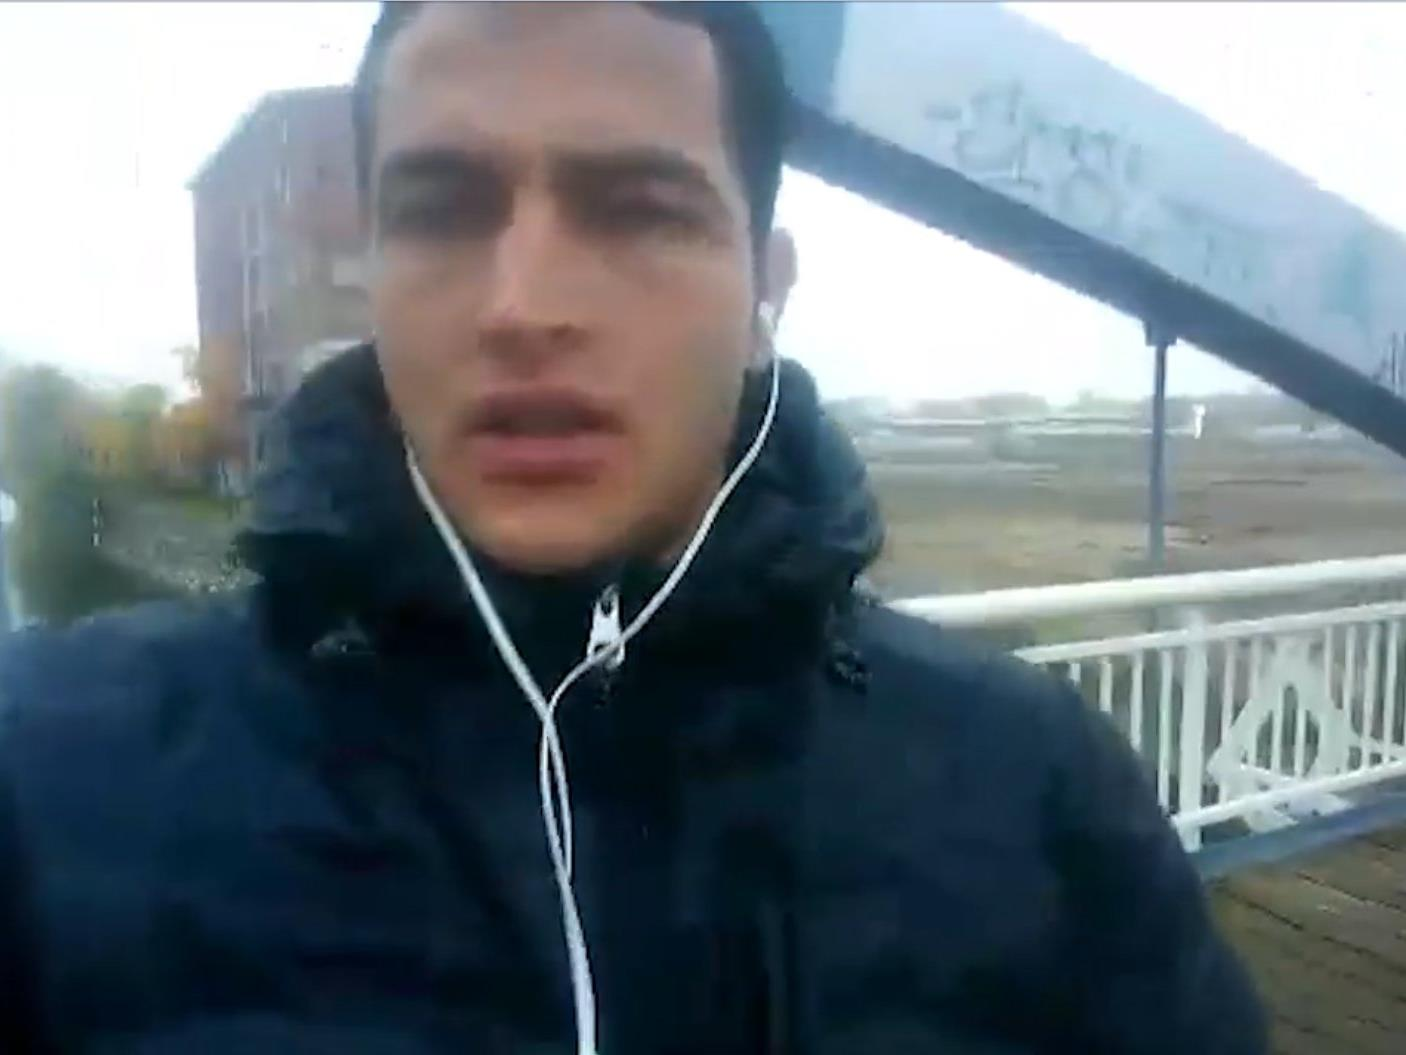 WDR: Mutmaßlicher Attentäter besaß Schlüssel für Moschee.